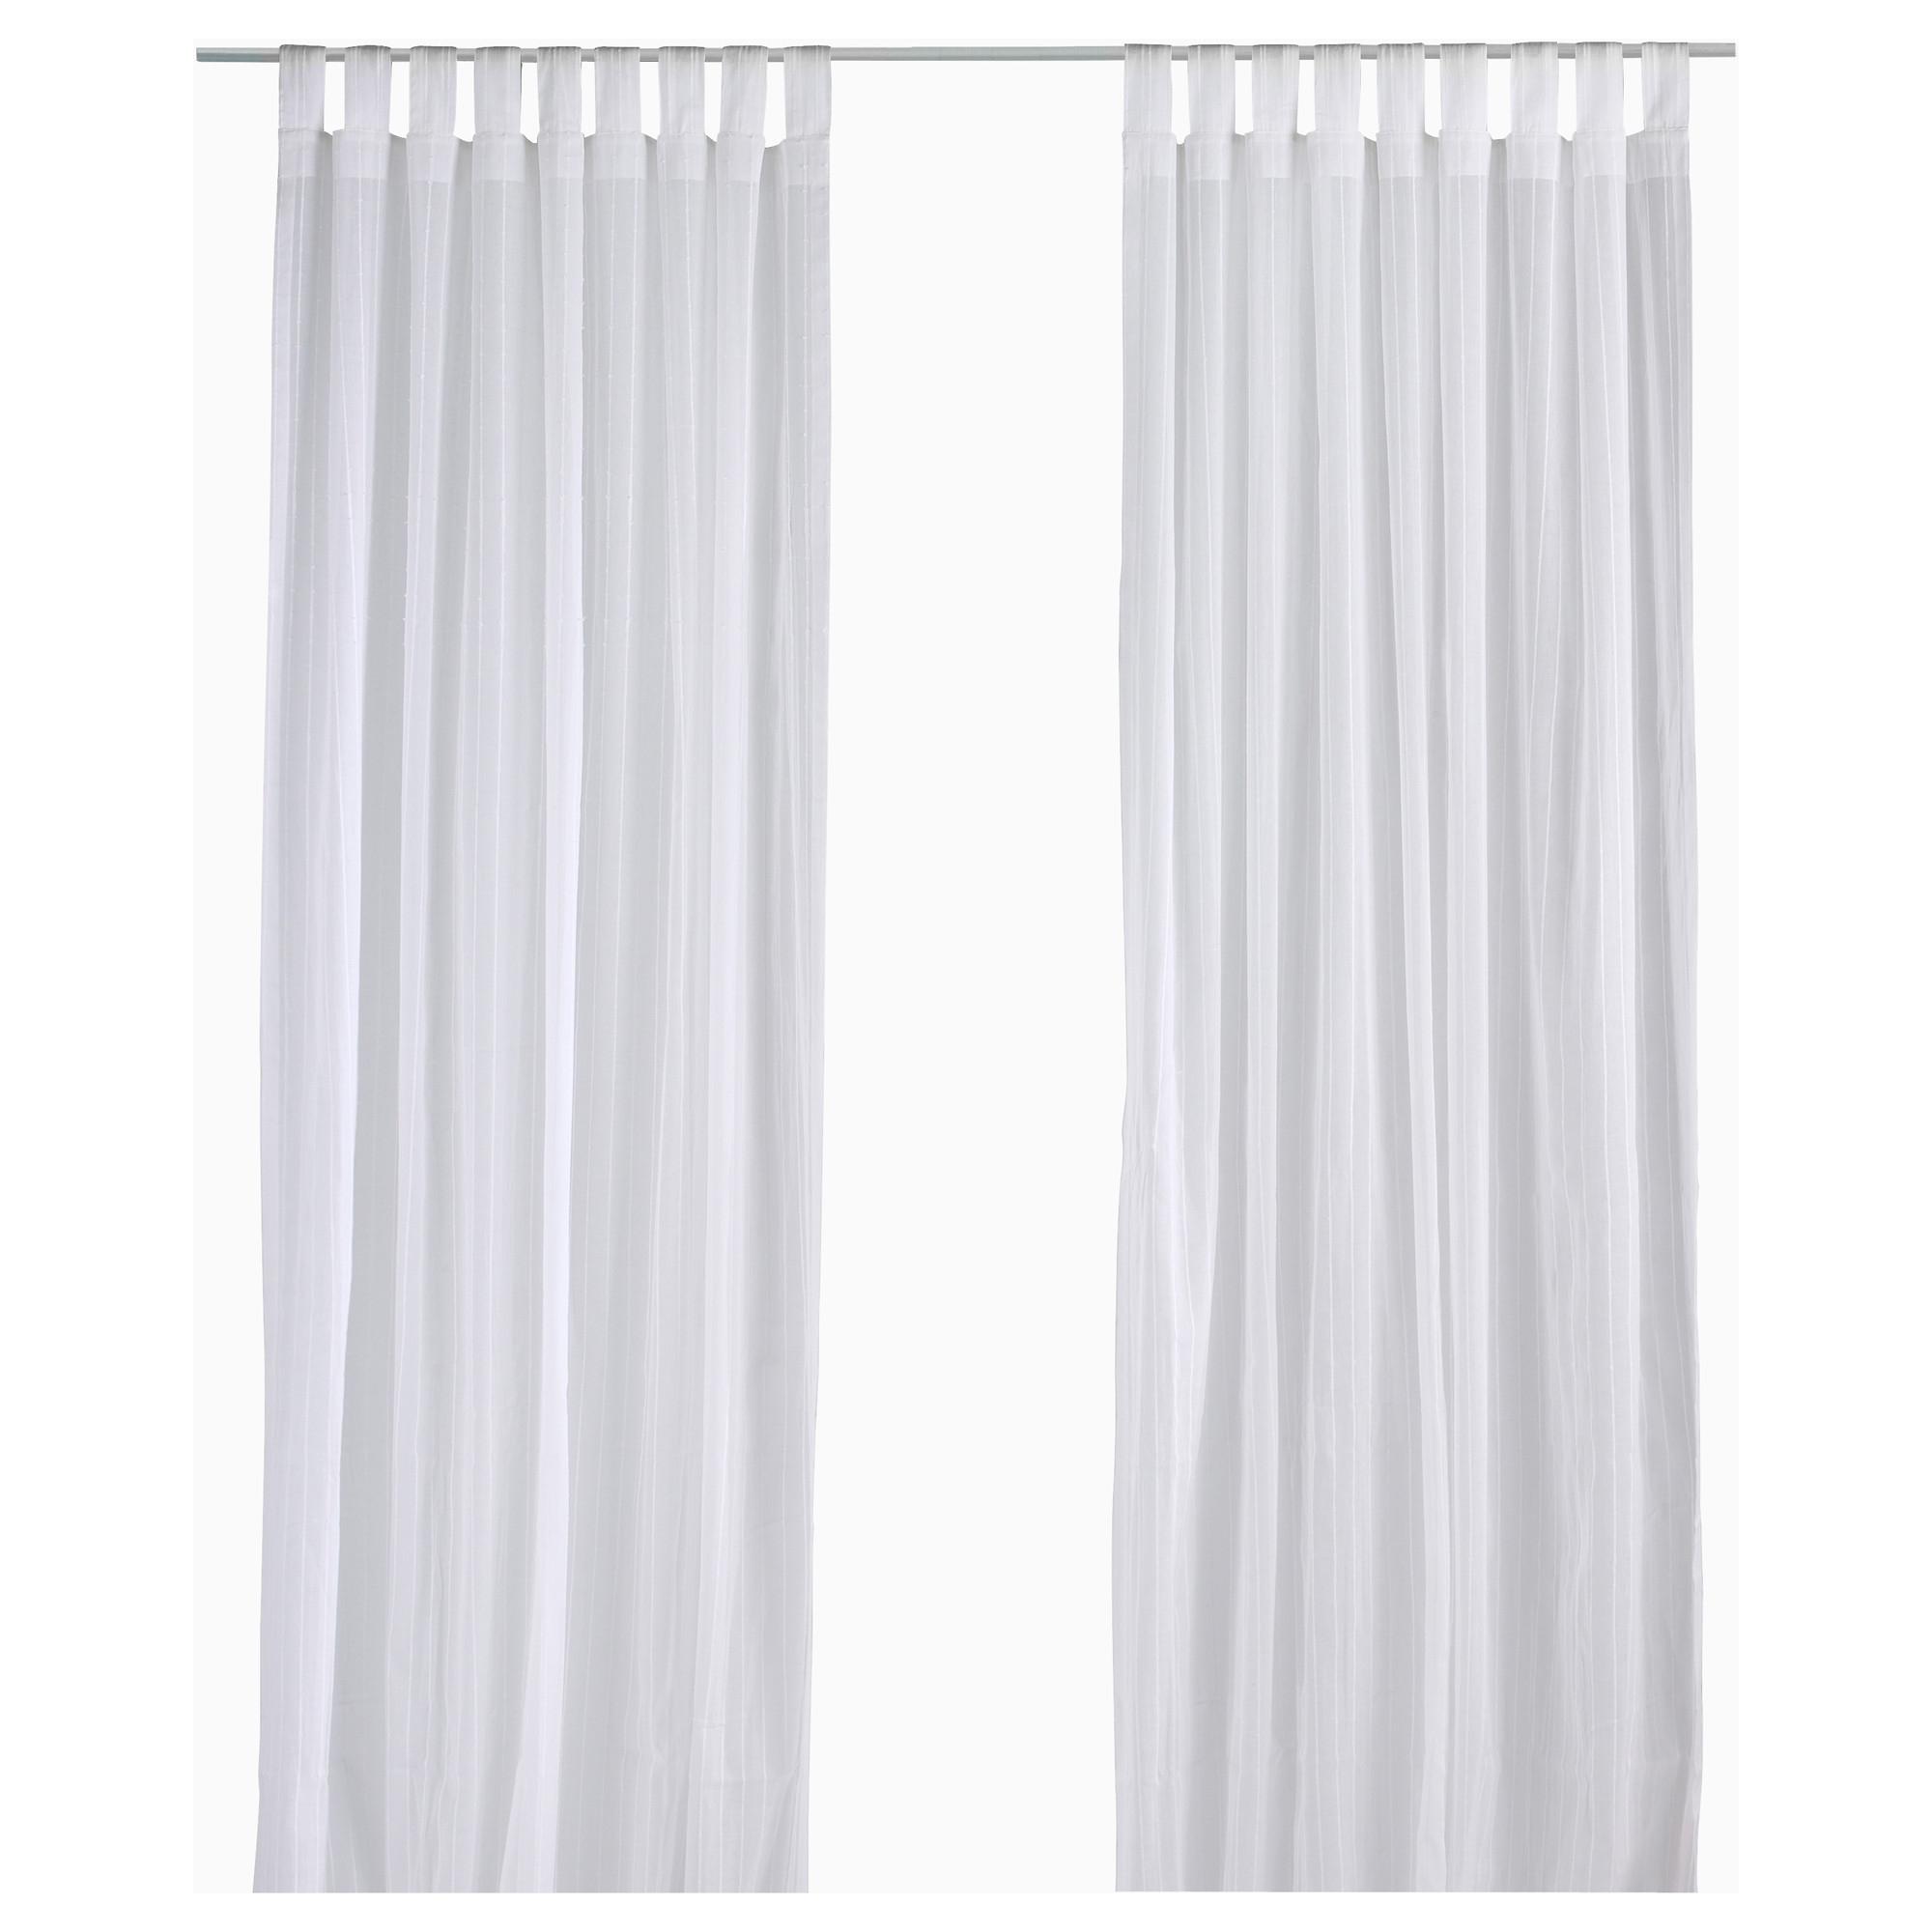 Matilda par de cortinas - Formas de cortinas ...